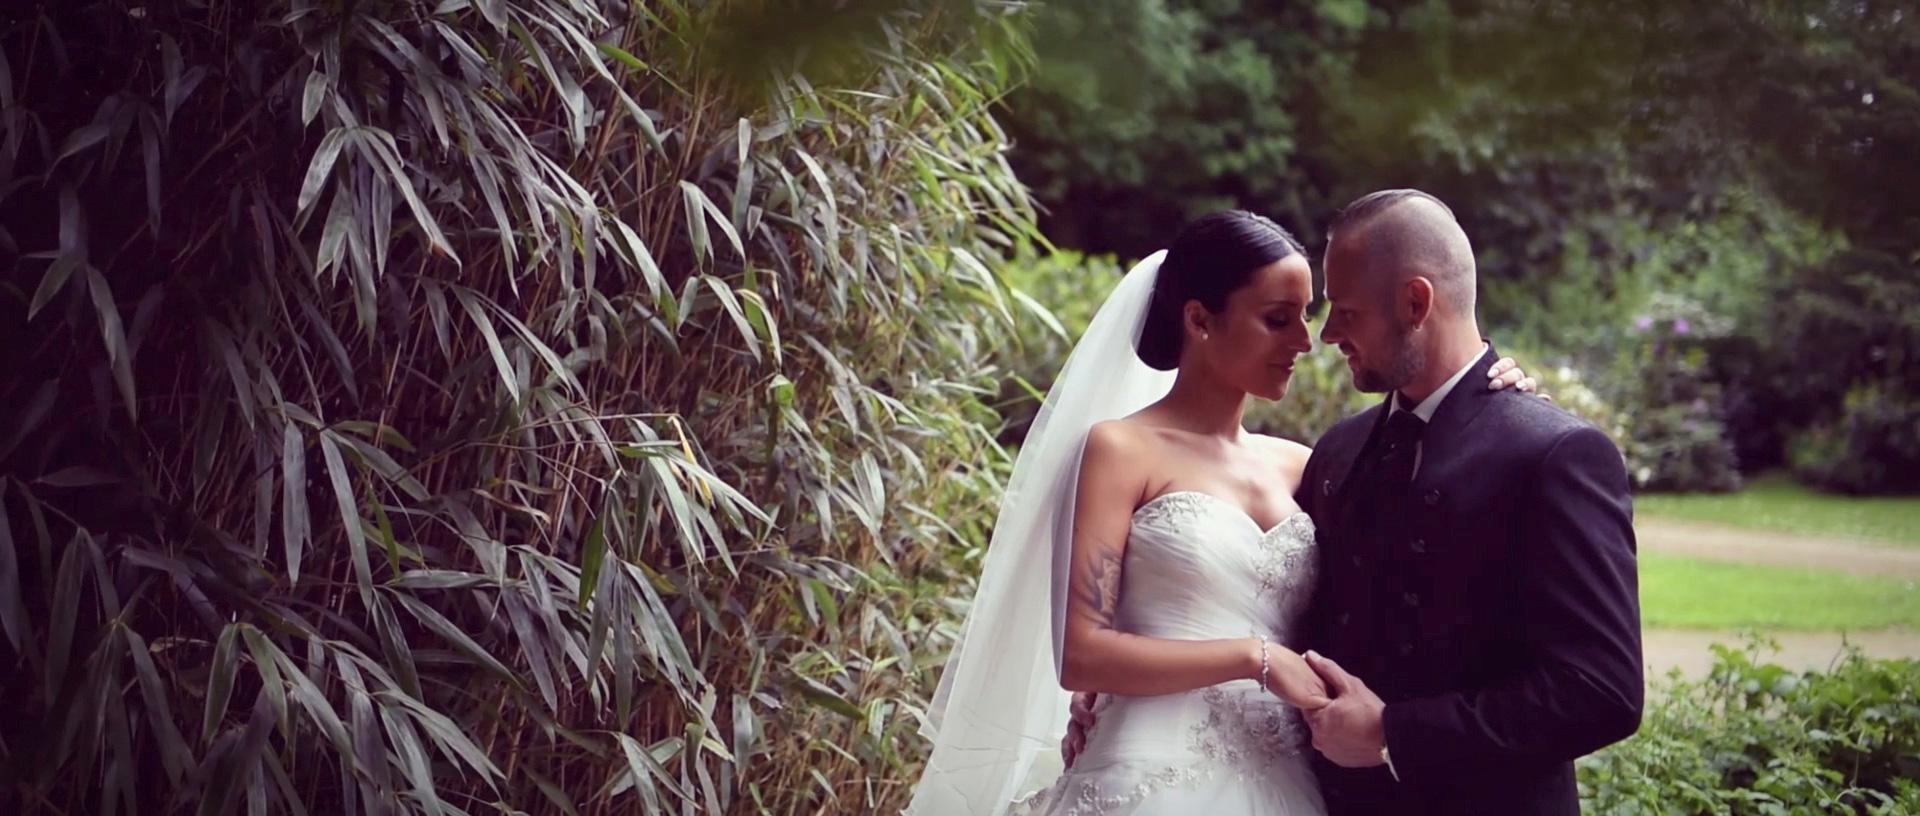 Vidéaste mariage - Film de mariage Luxembourg Esch-sur-Alzette